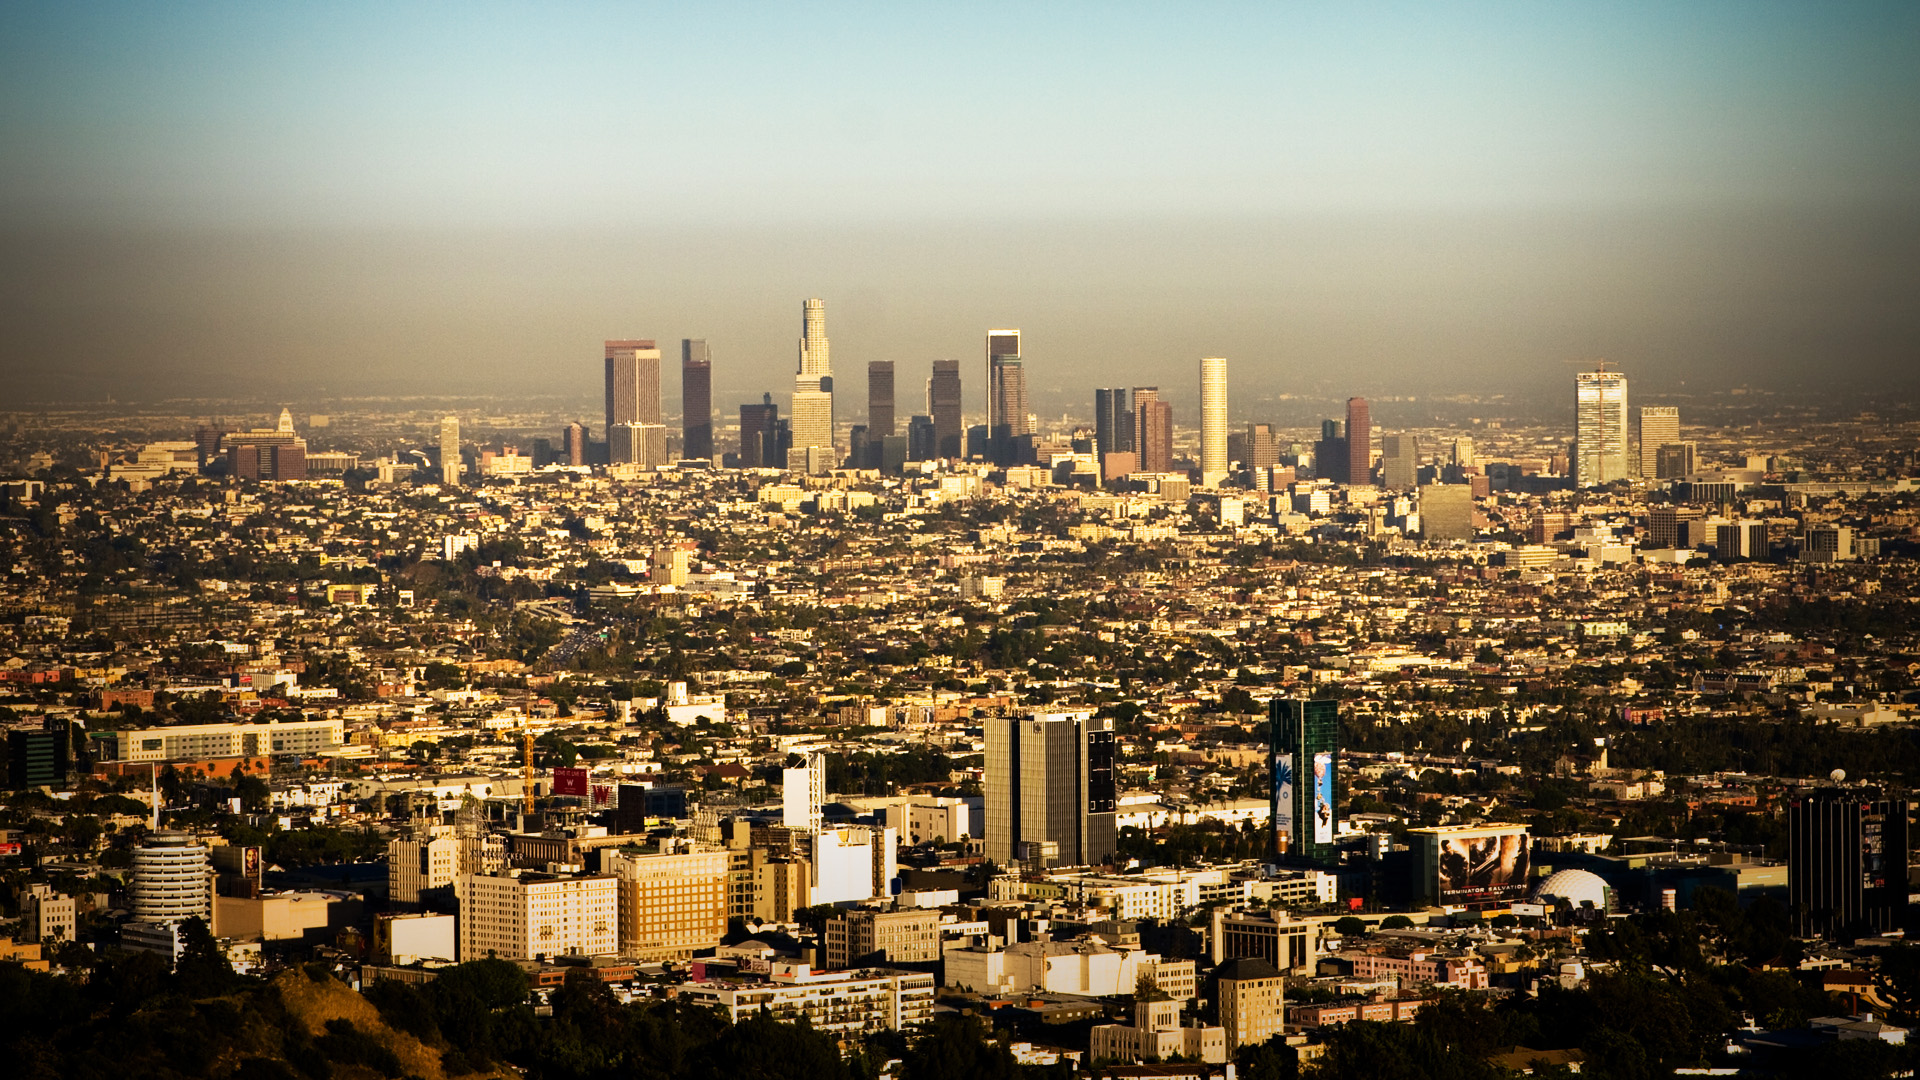 LA Wallpaper